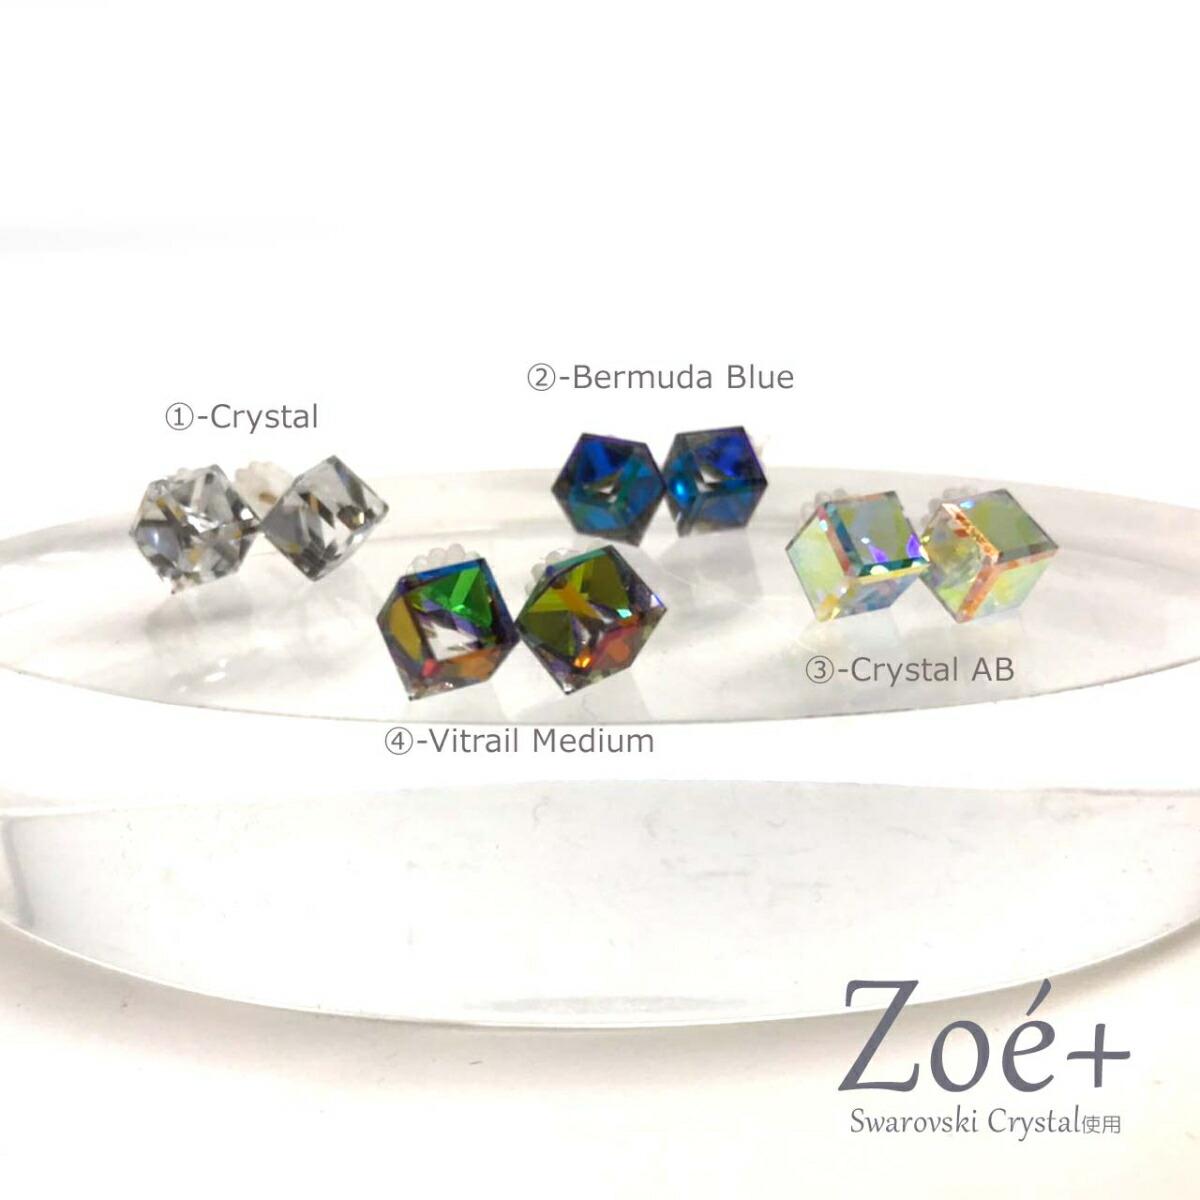 14k gold filled キューブ P82ゴールドフィルドのポスト キューブガラスピアス Swarovski Crystalのガラスが上品だけど印象的な耳元を演出します 14K GOLD FILLED P82 ゴールドフィルド スワロフスキー 毎日がバーゲンセール クリスタル 使用 記念日 《週末限定タイムセール》 プレゼント お肌にやさしい プチギフト シンプル 通勤 変色しない 低アレルギー素材 贈り物 14KGF 通学 誕生日 金属アレルギー ギフト 重ね付け